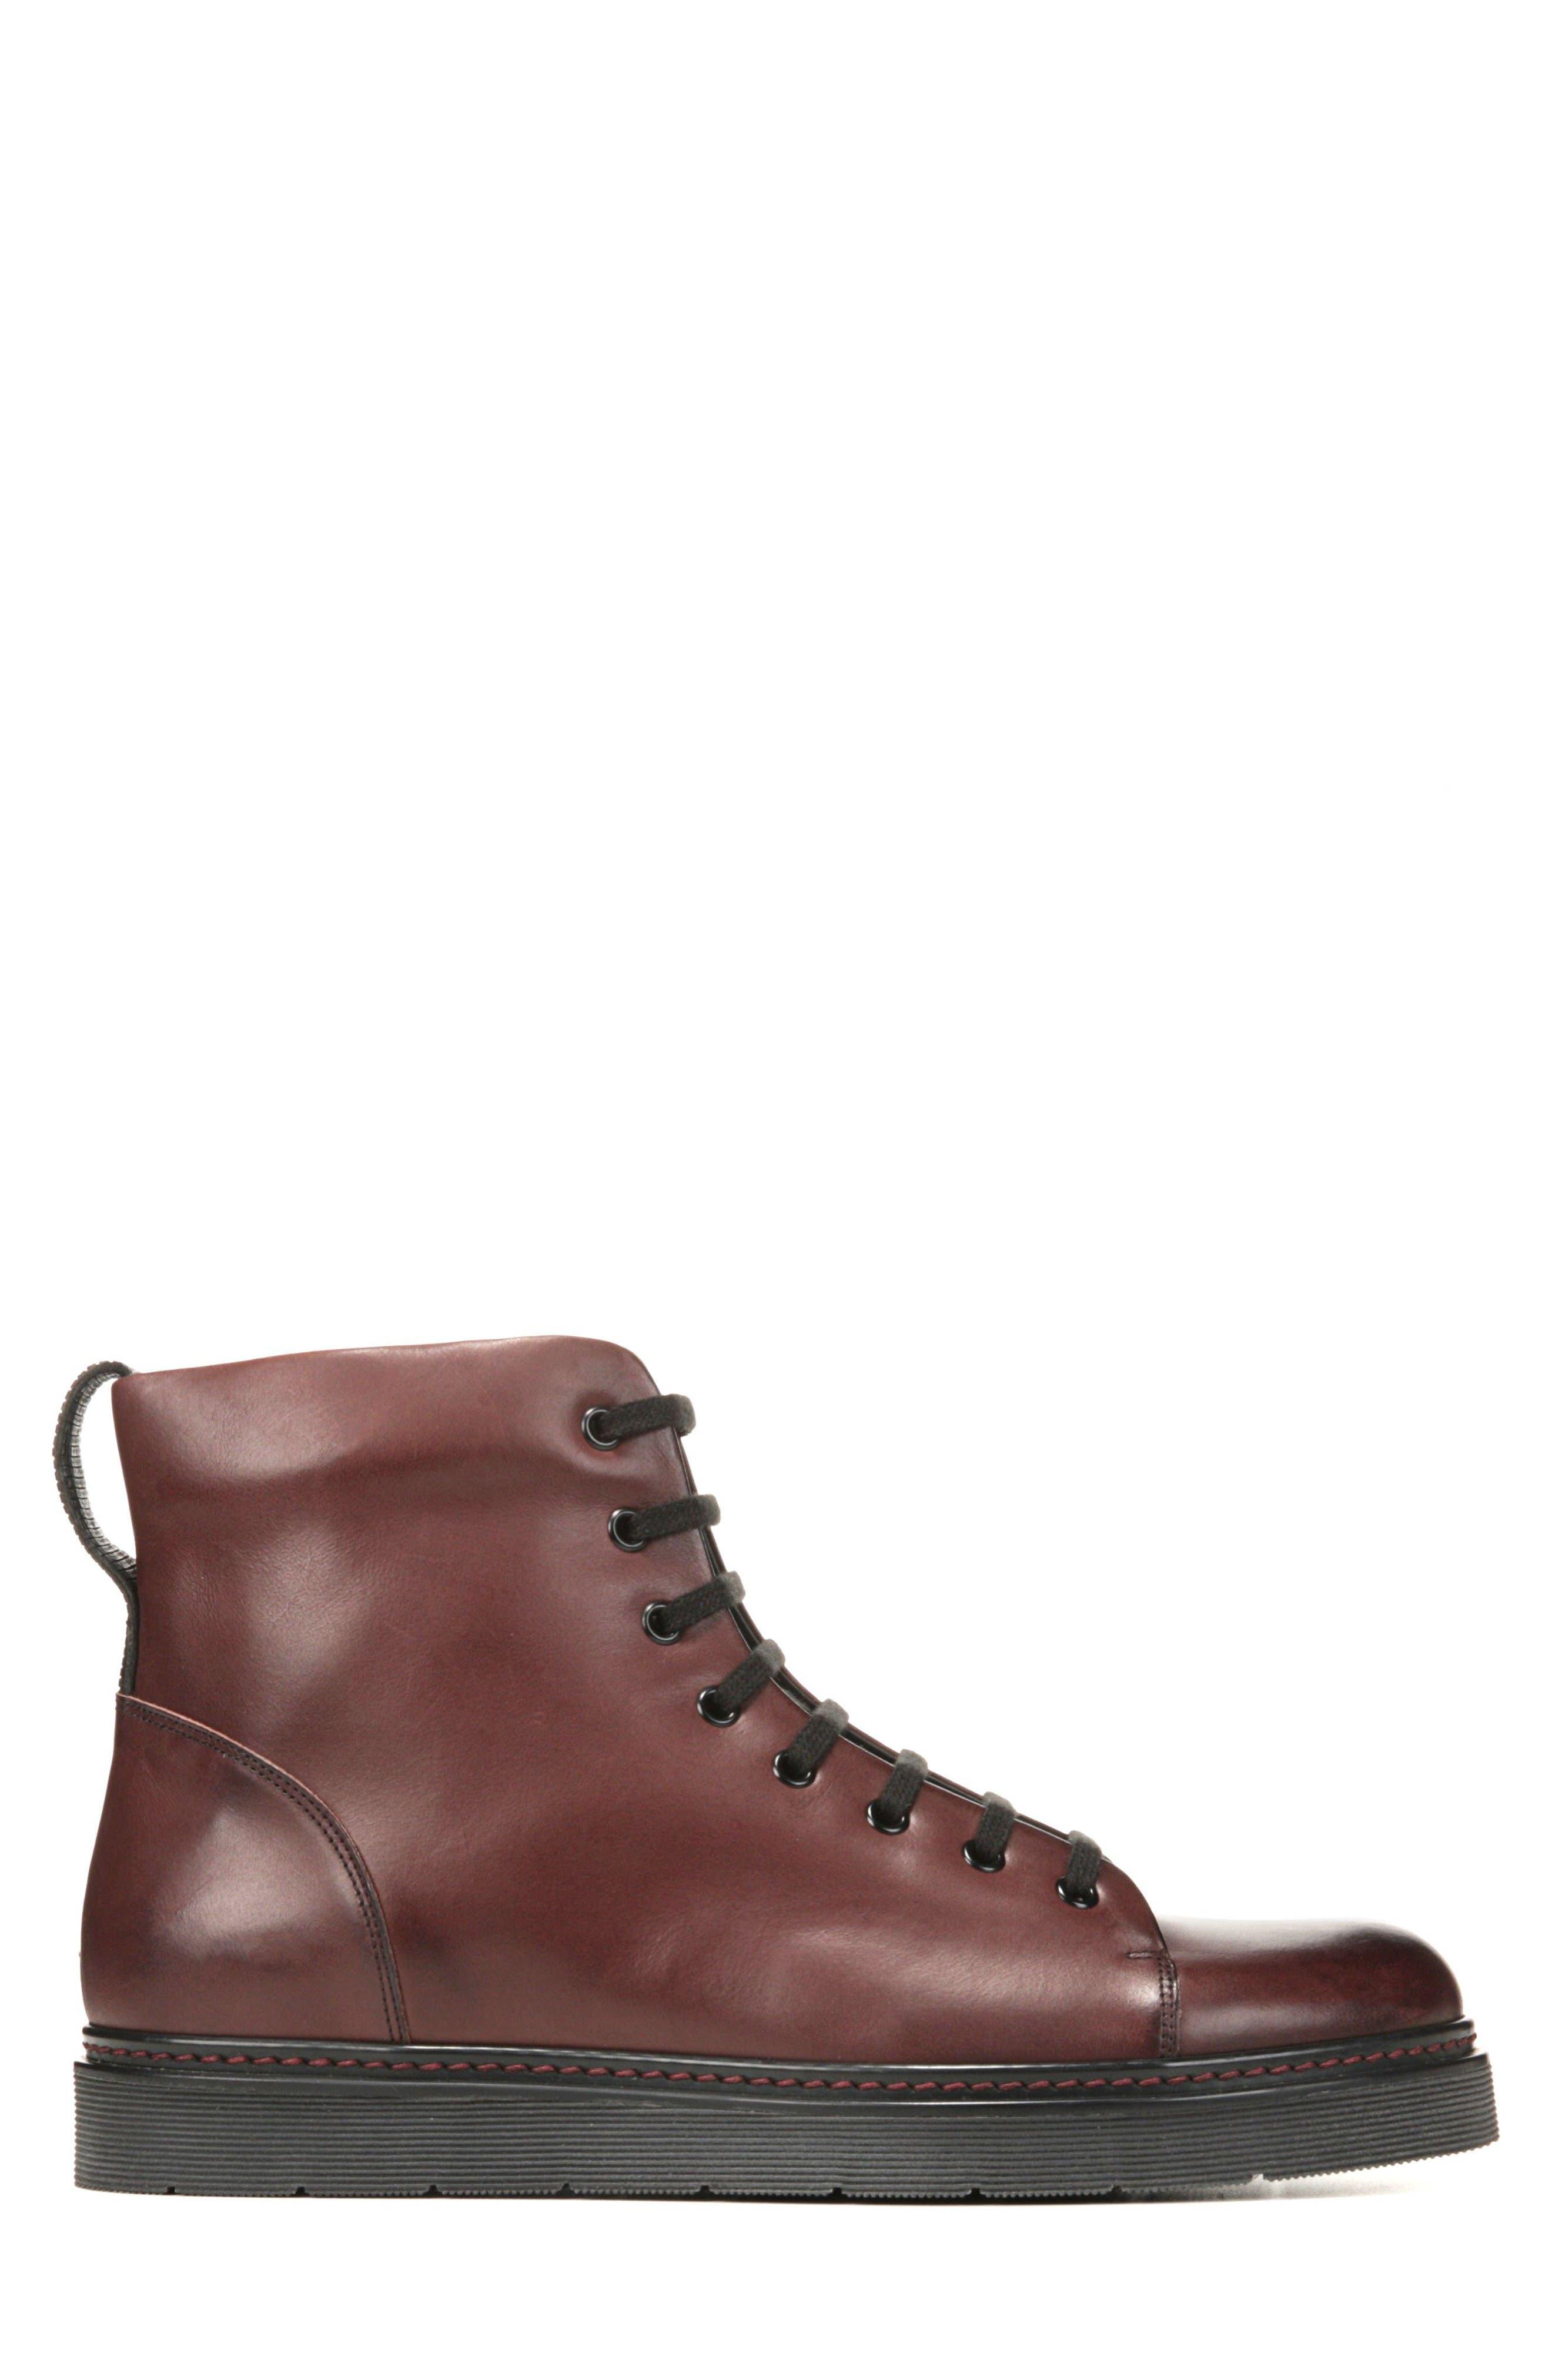 Malone Plain Toe Boot,                             Alternate thumbnail 6, color,